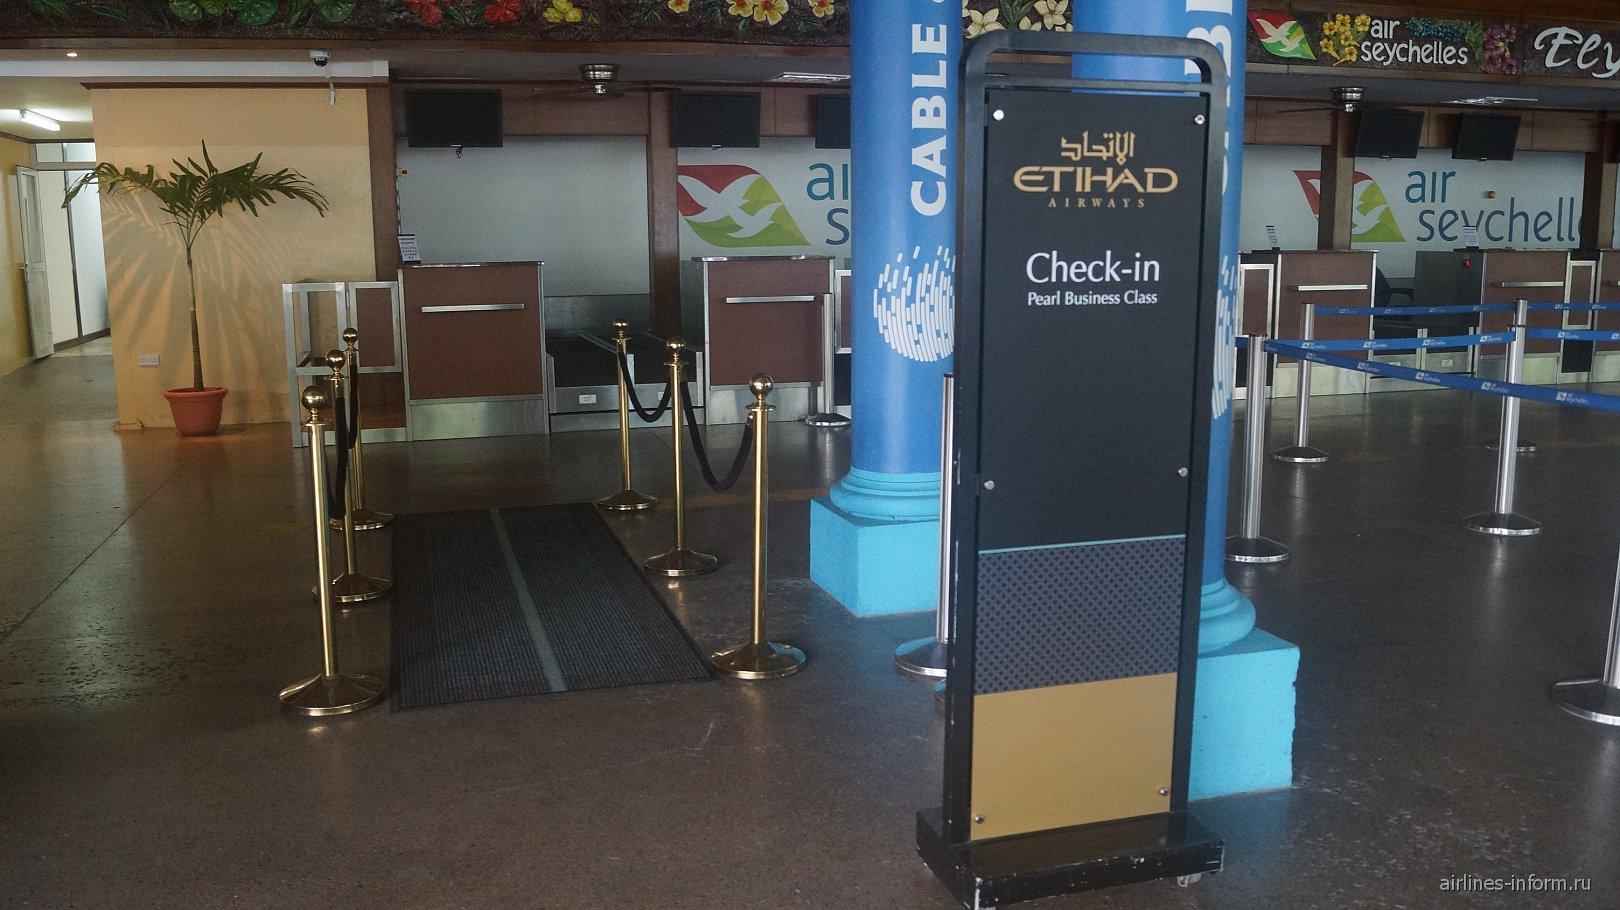 Стойка регистрации пассажиров бизнес-класса авиакомпании Etihad Airways в международном аэропорту Сейшельских островов